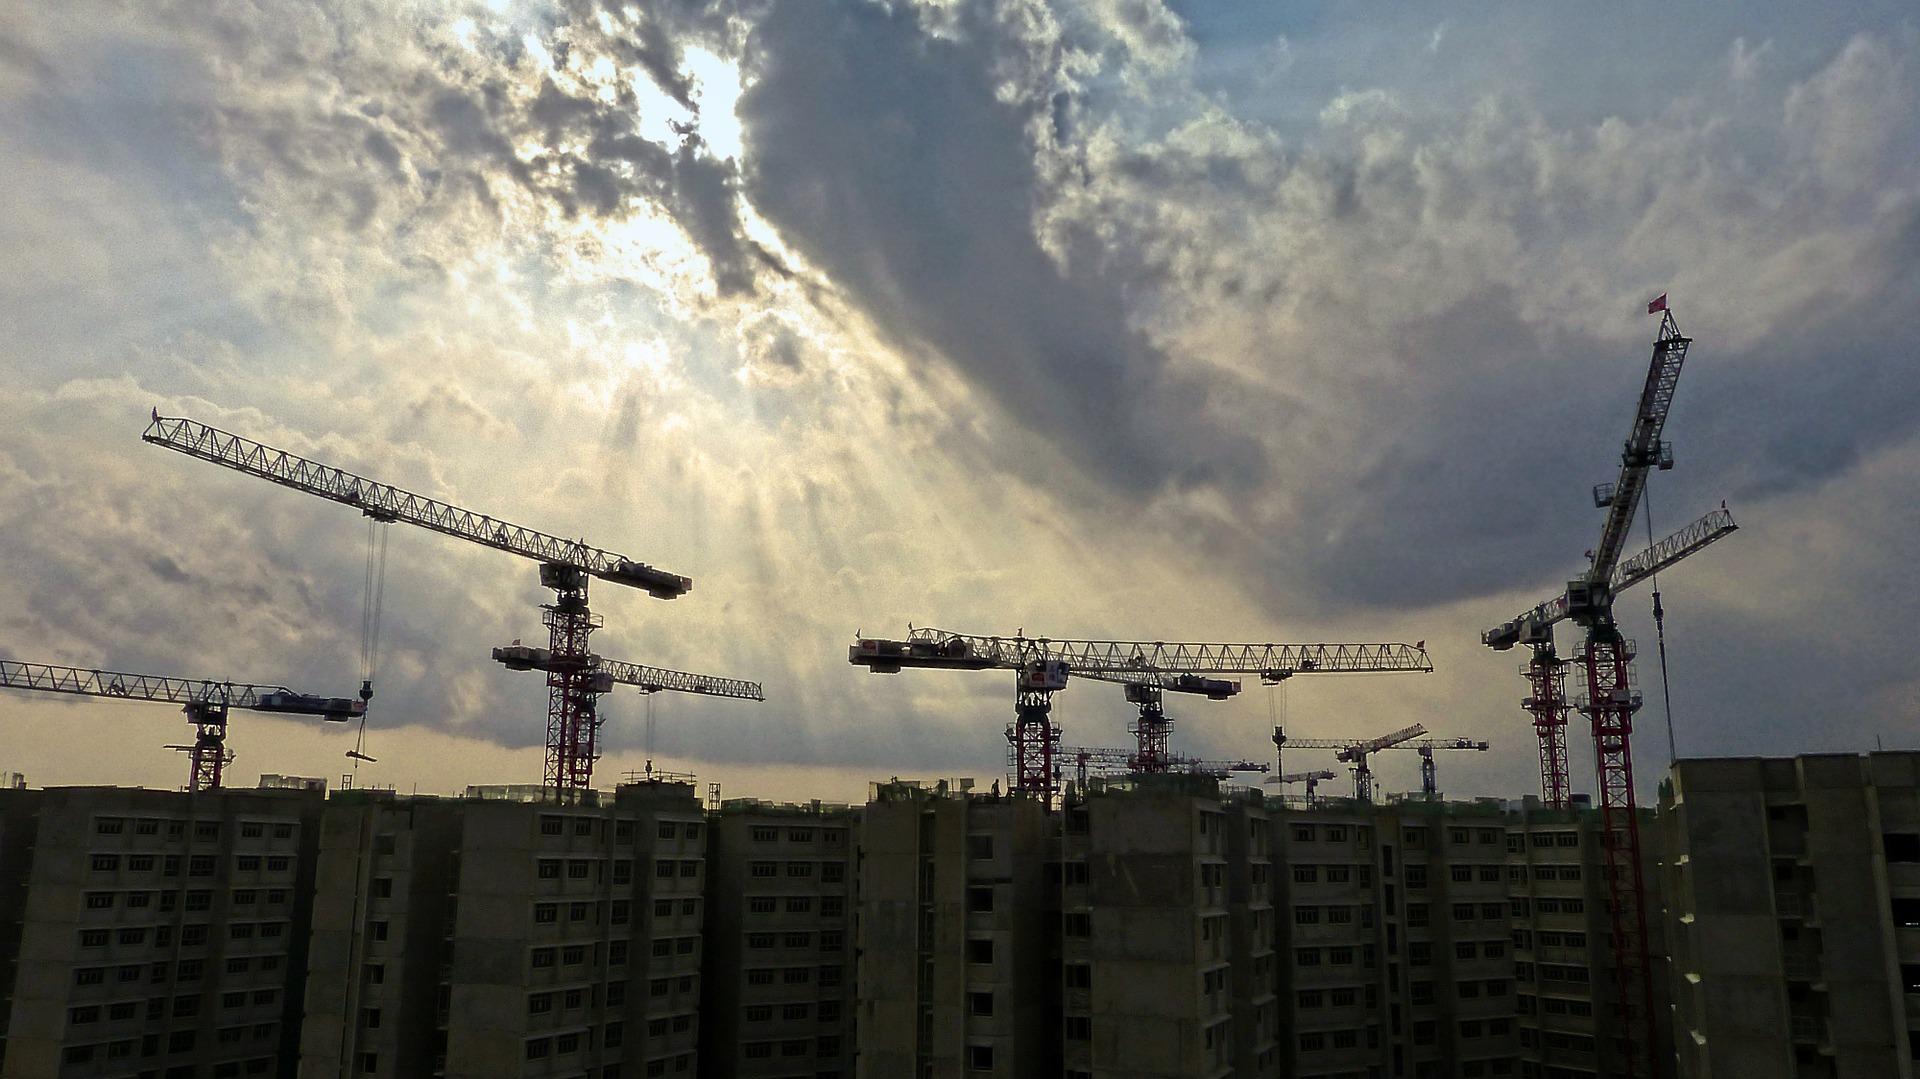 chantier-btp-grand-paris-express